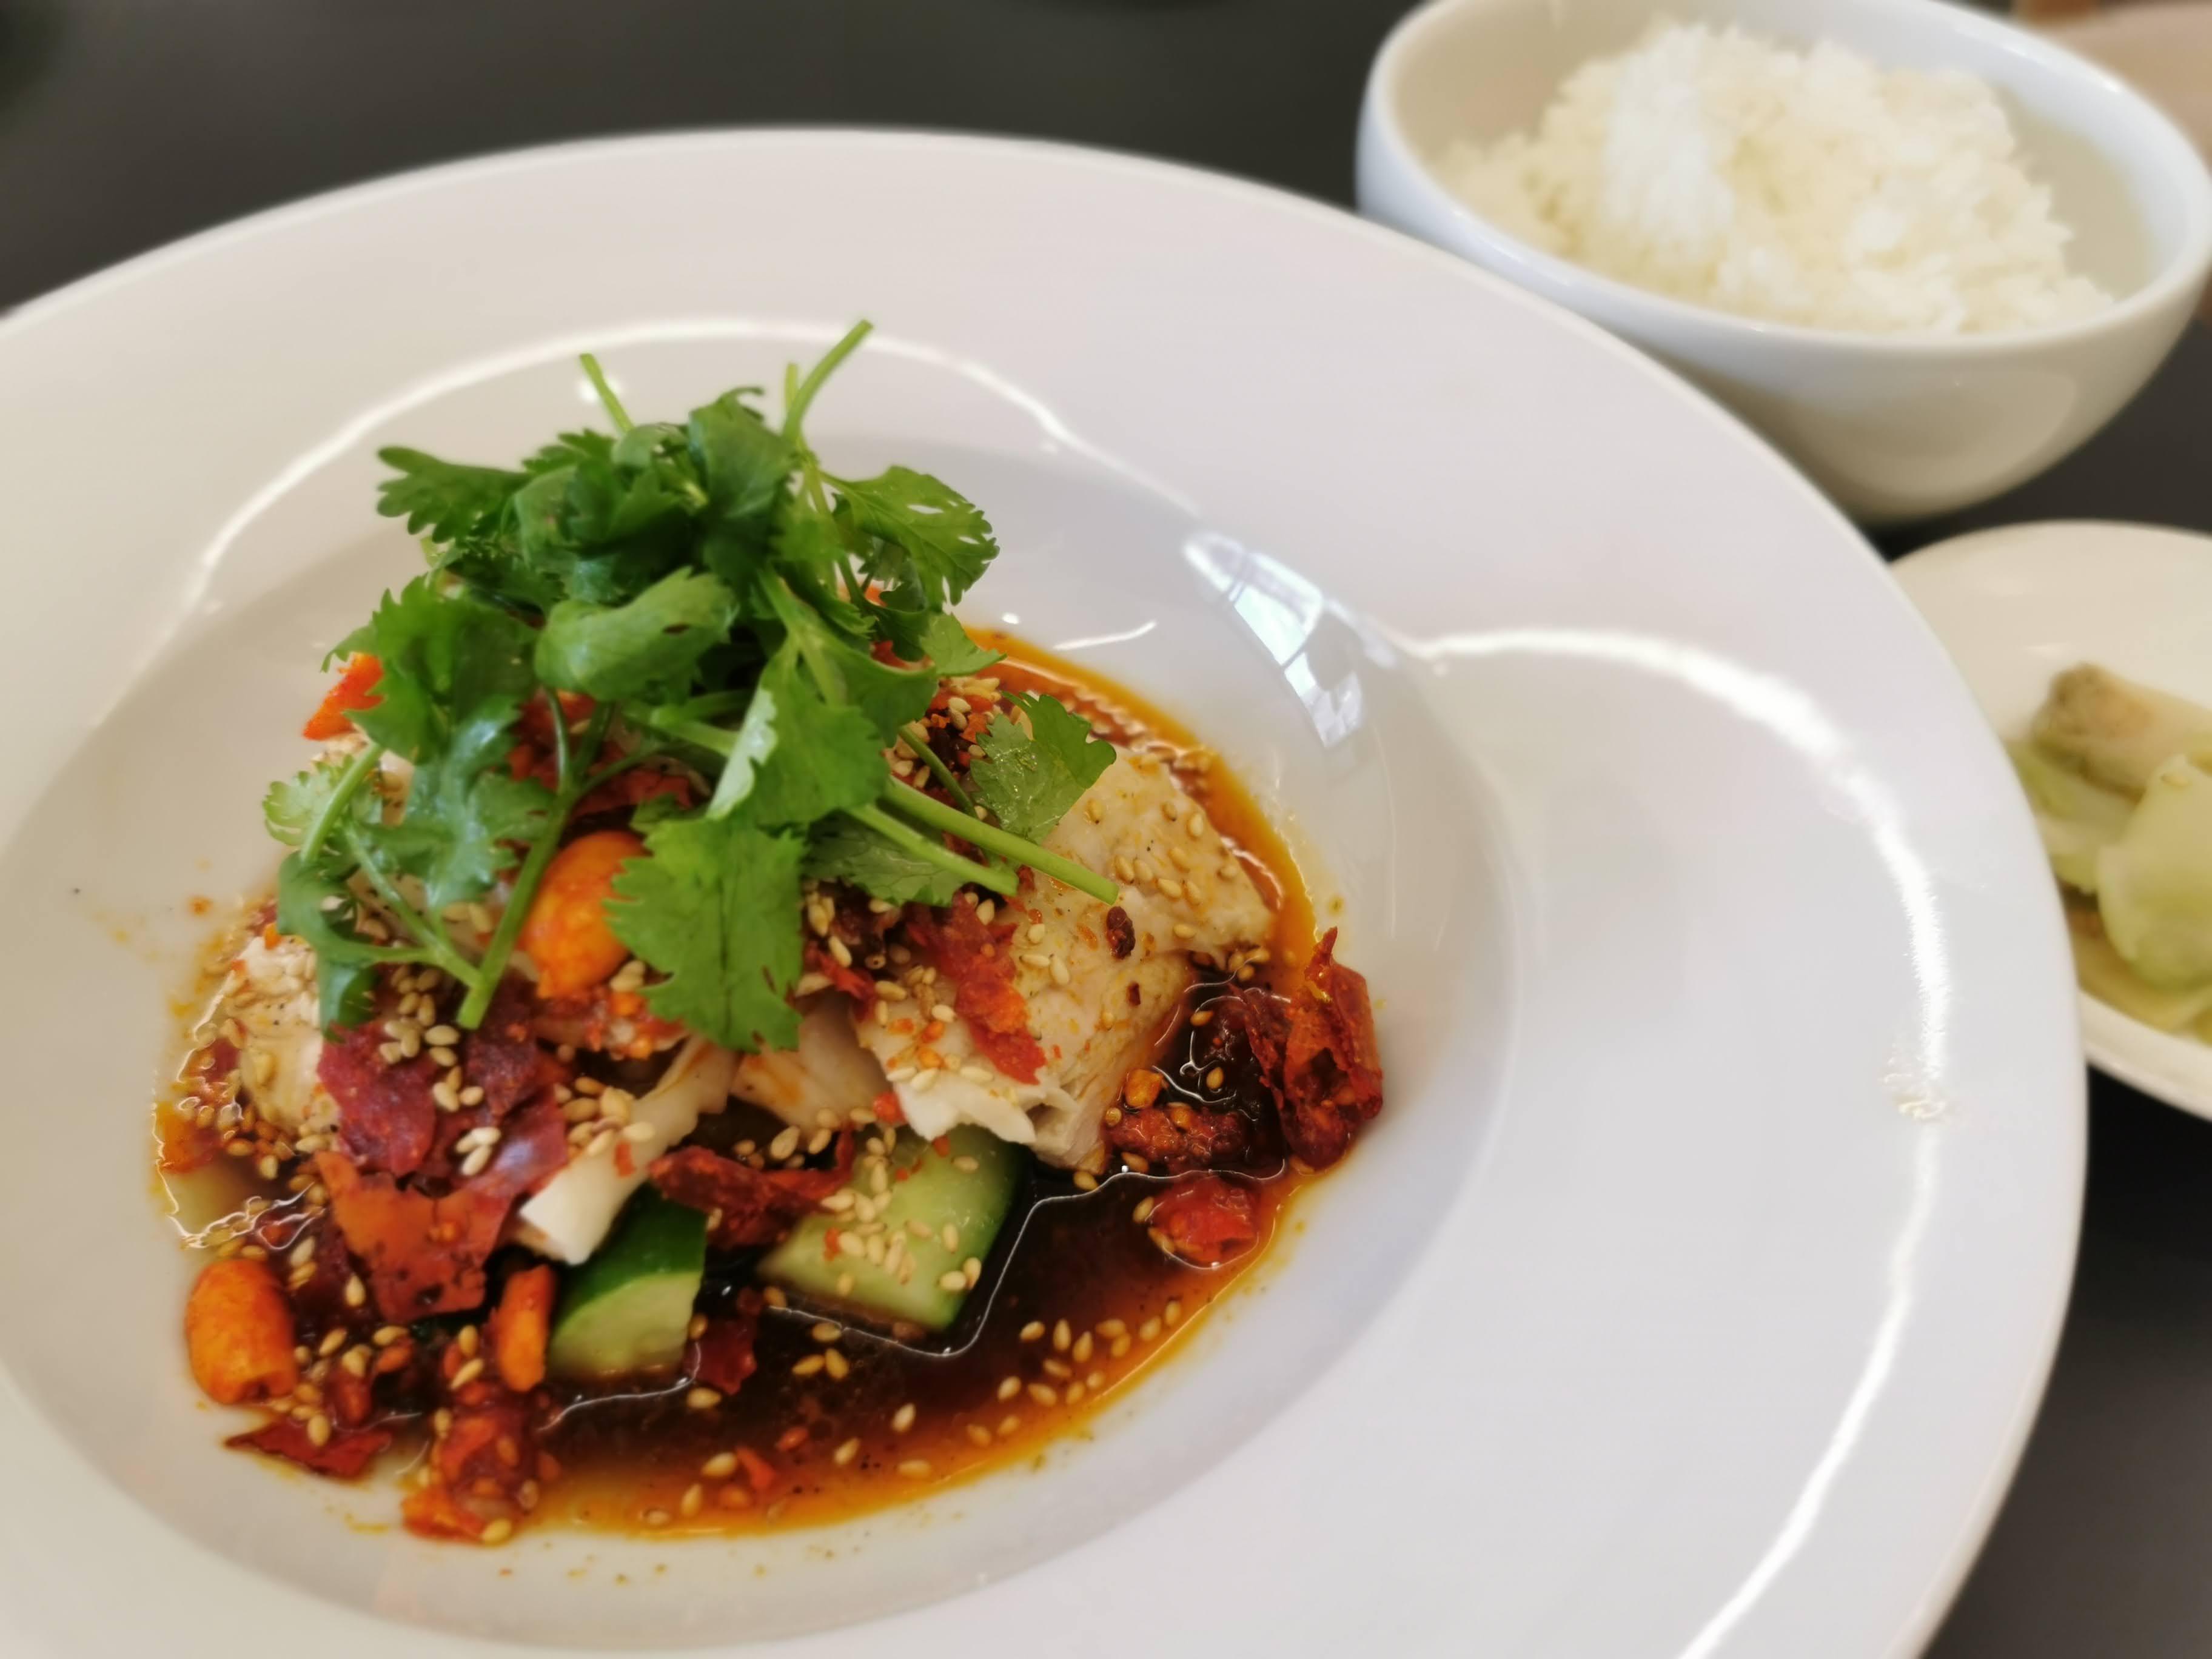 【代々木上原】チャイニーズレストラン レイ@繊細さと旨味のバランス感覚が印象的な中華。